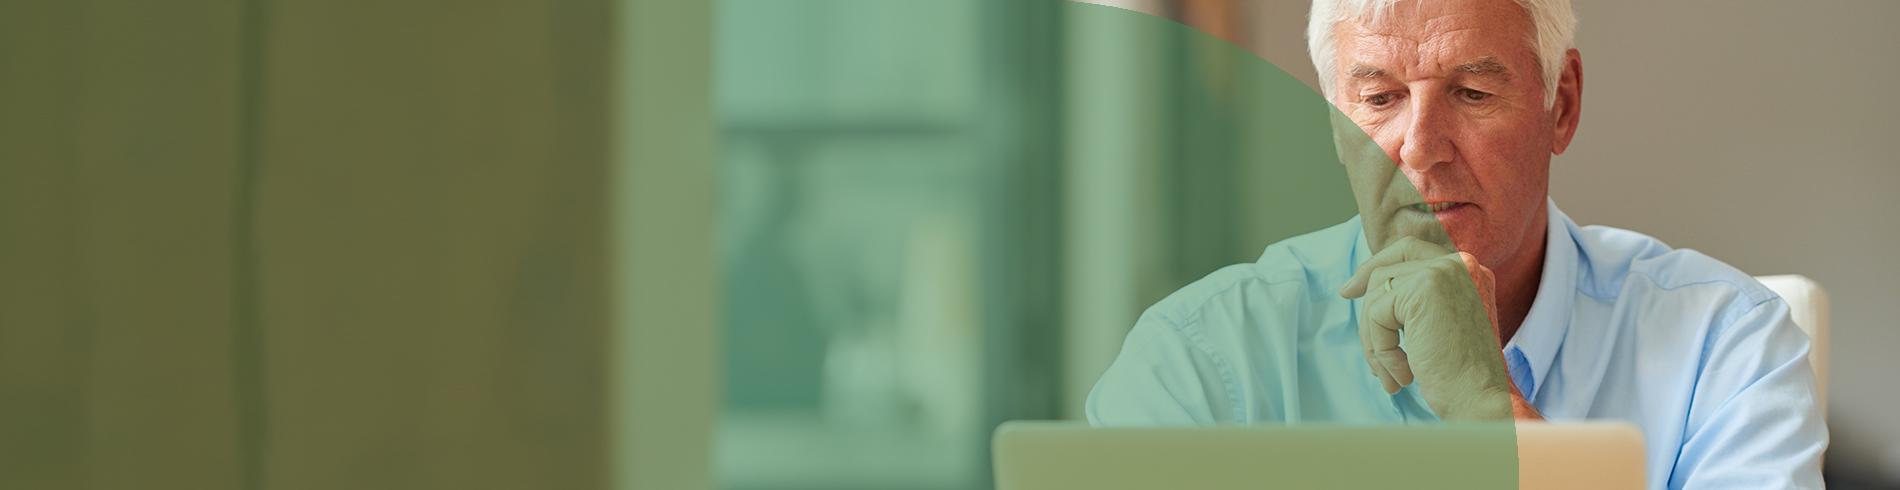 Assegurances d'estalvi Flexivida per a empreses